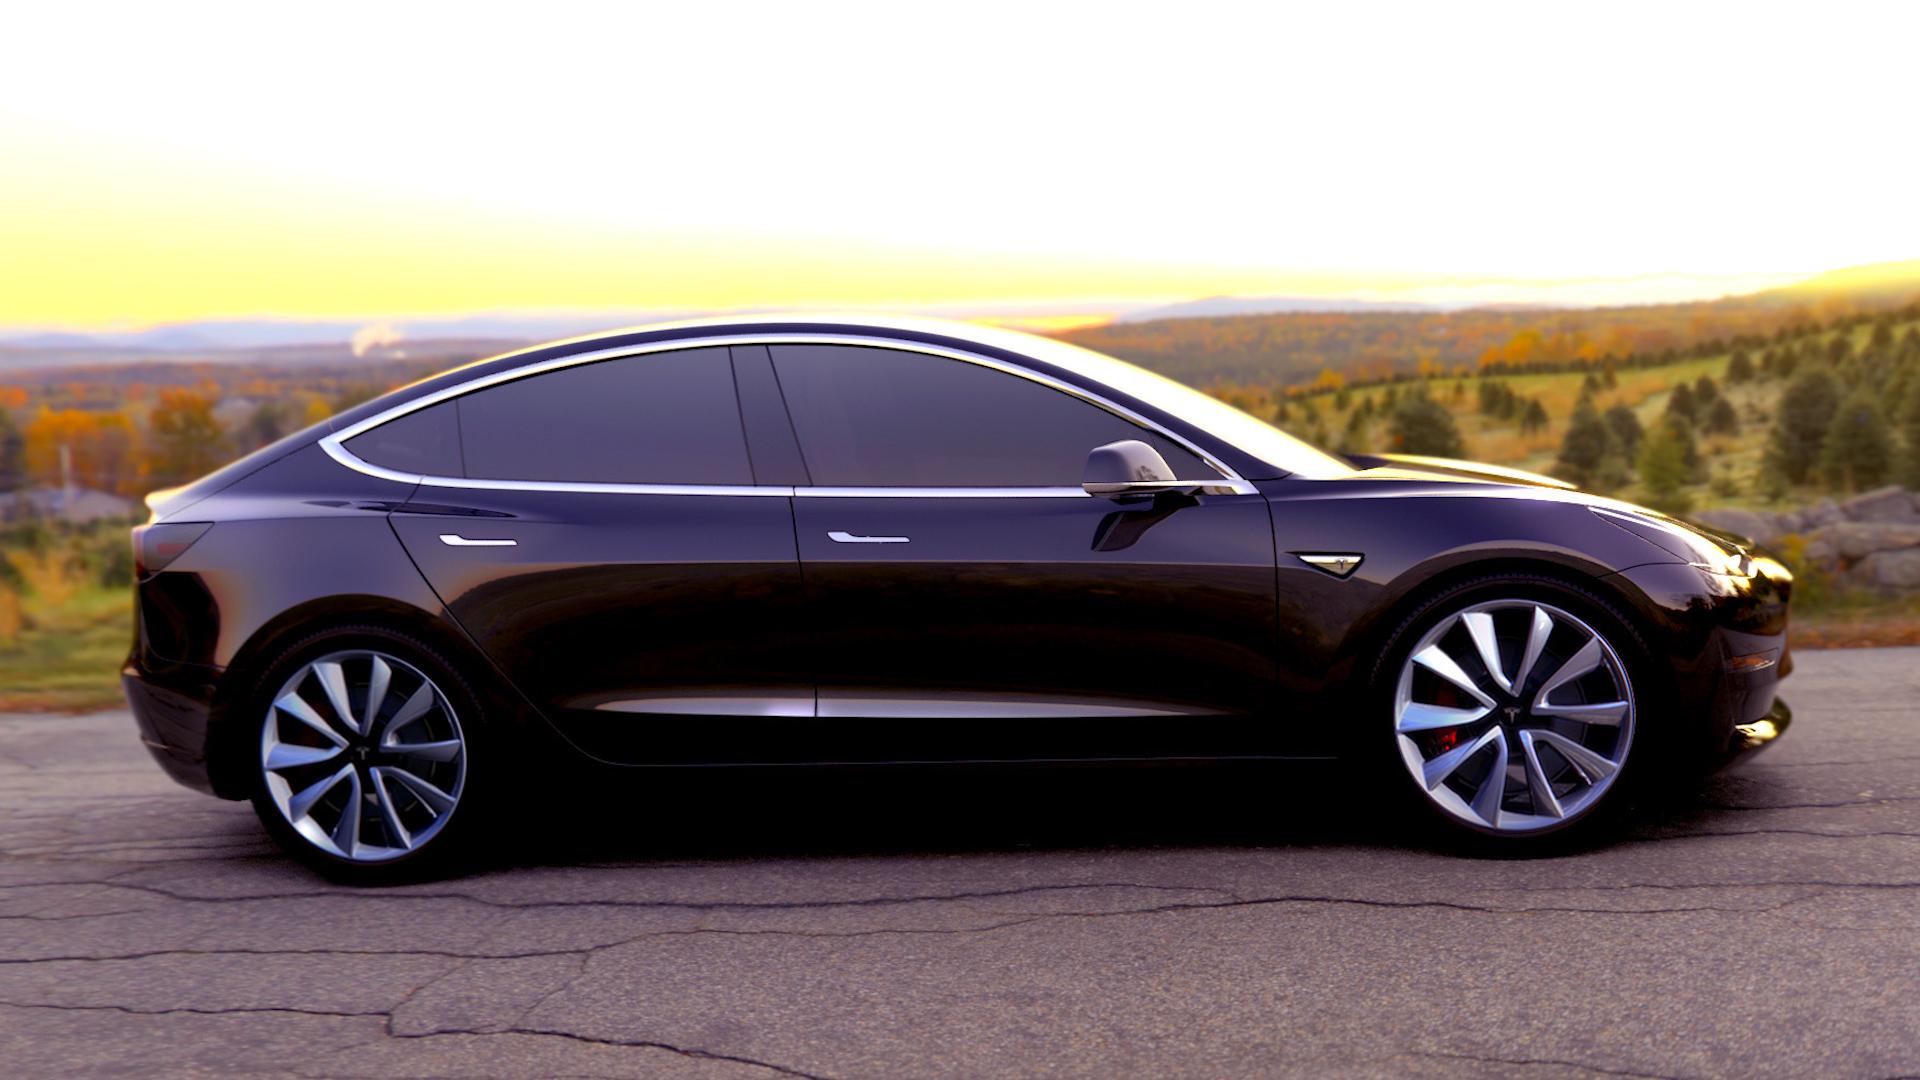 5 самых ненадежных электромобилей по версии потребителей 4